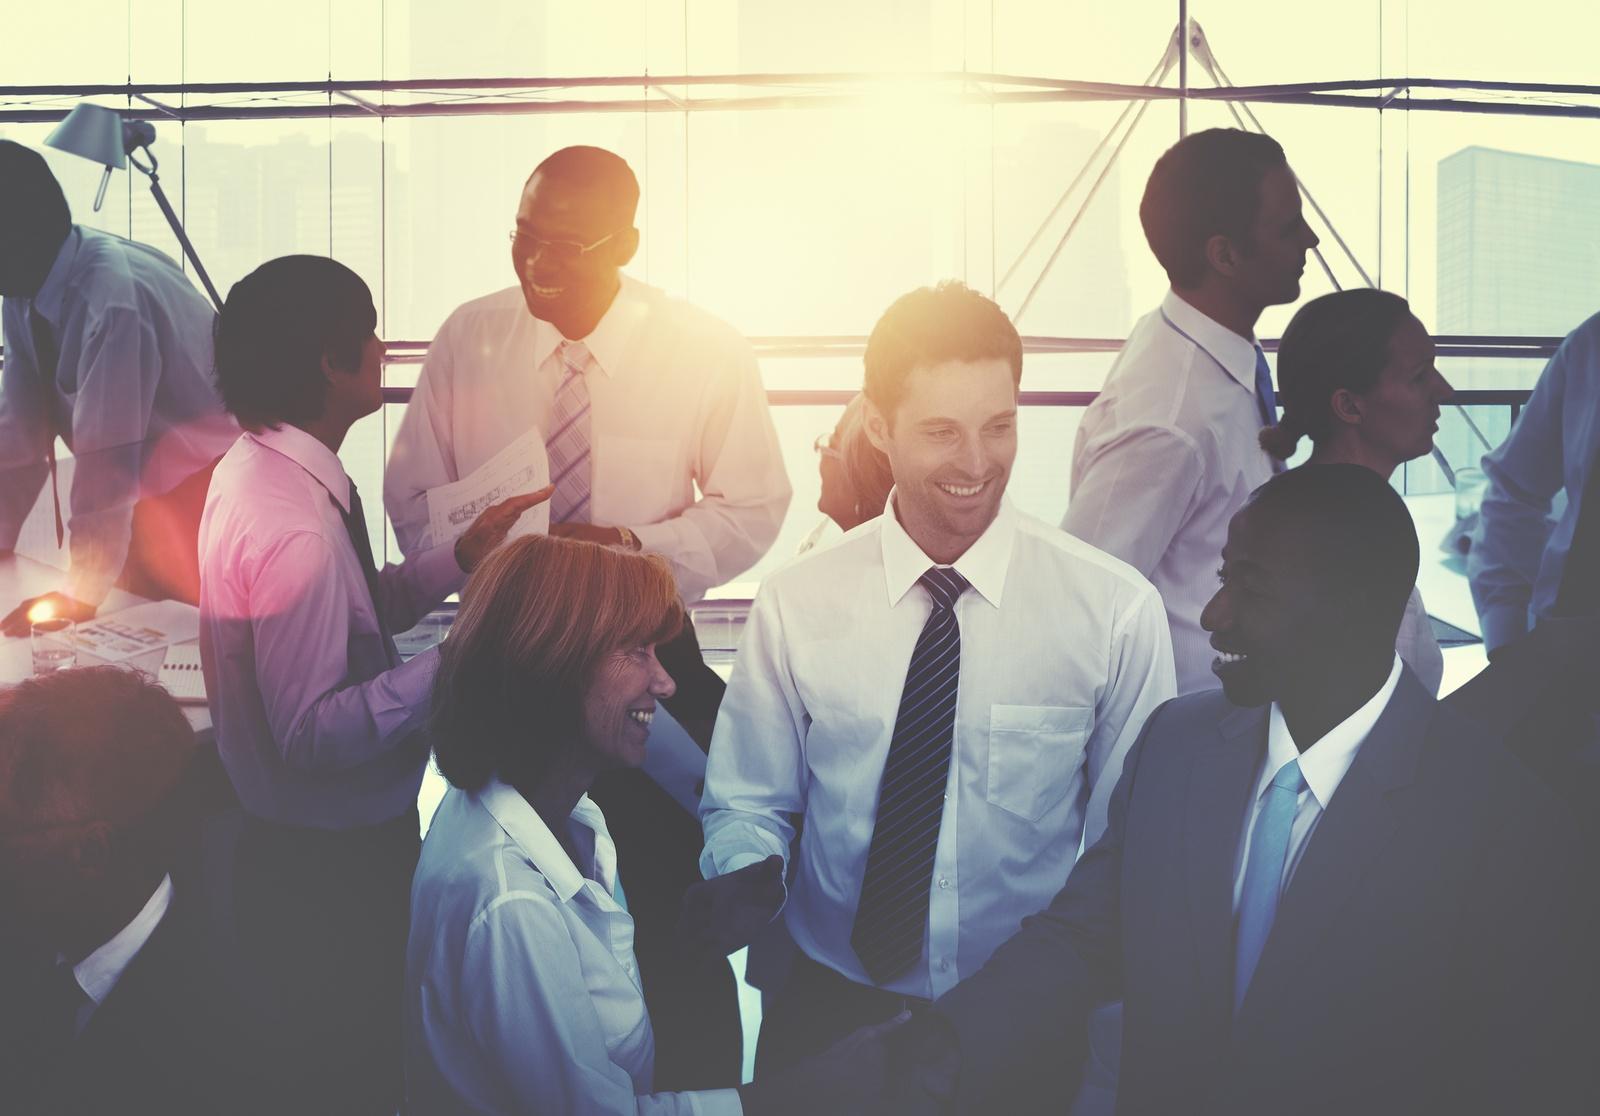 Comment fidéliser vos employés?